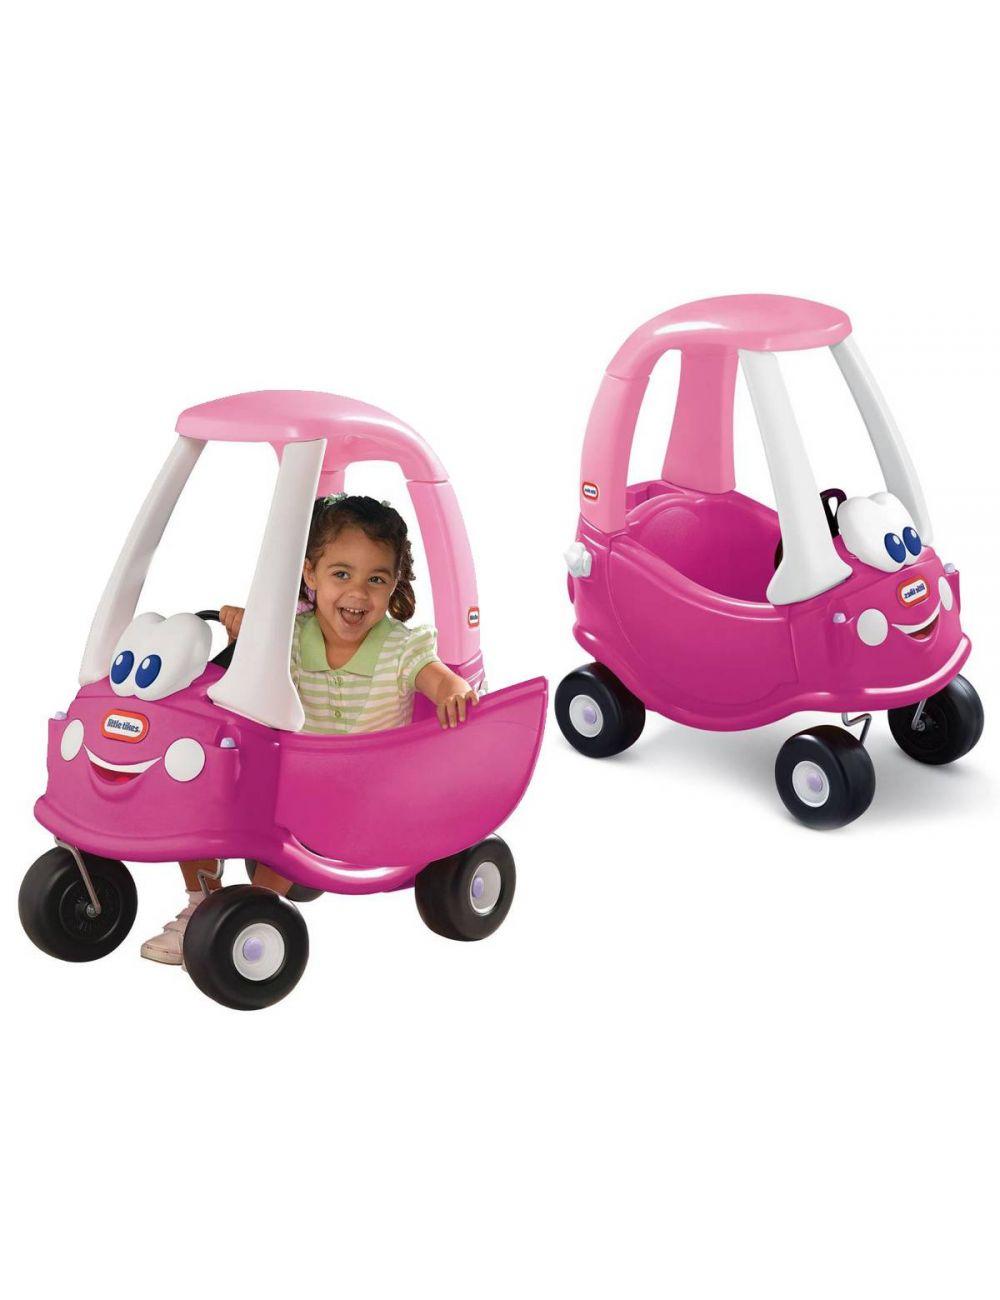 Little Tikes COZY KRÓLEWNY Jeździk Pchacz Samochód Różowy 630750